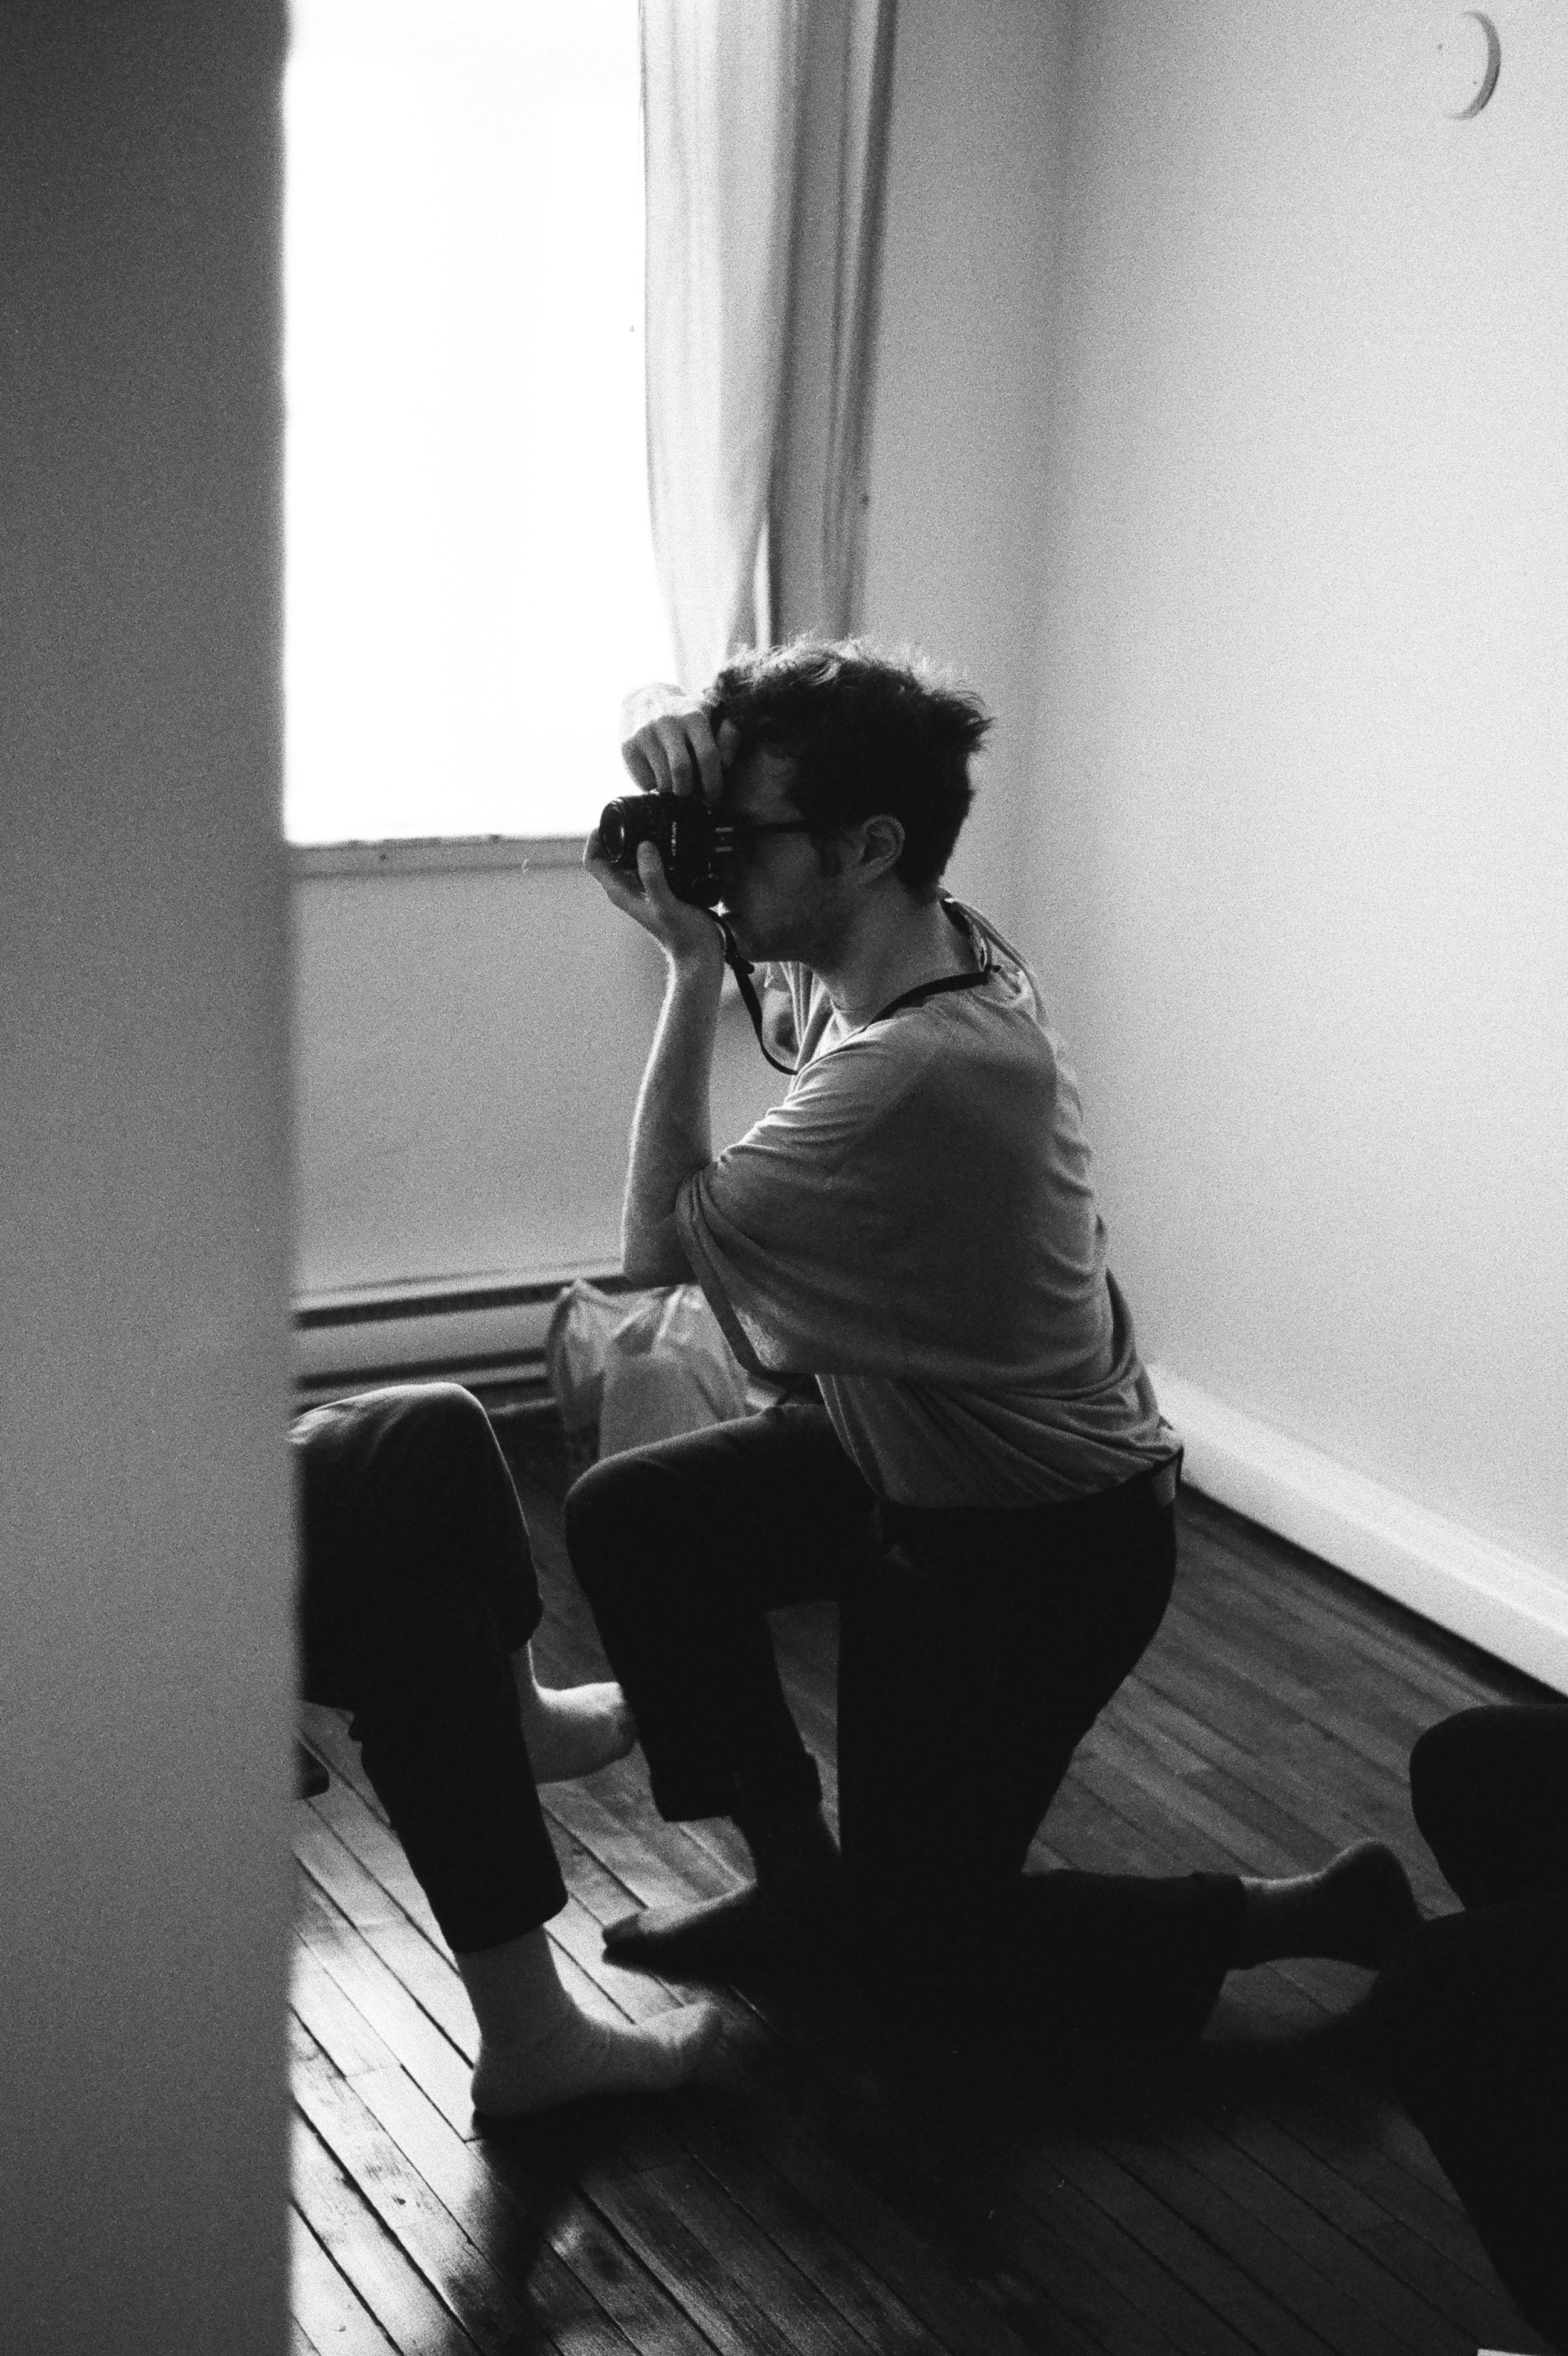 Leica-02-18.jpg